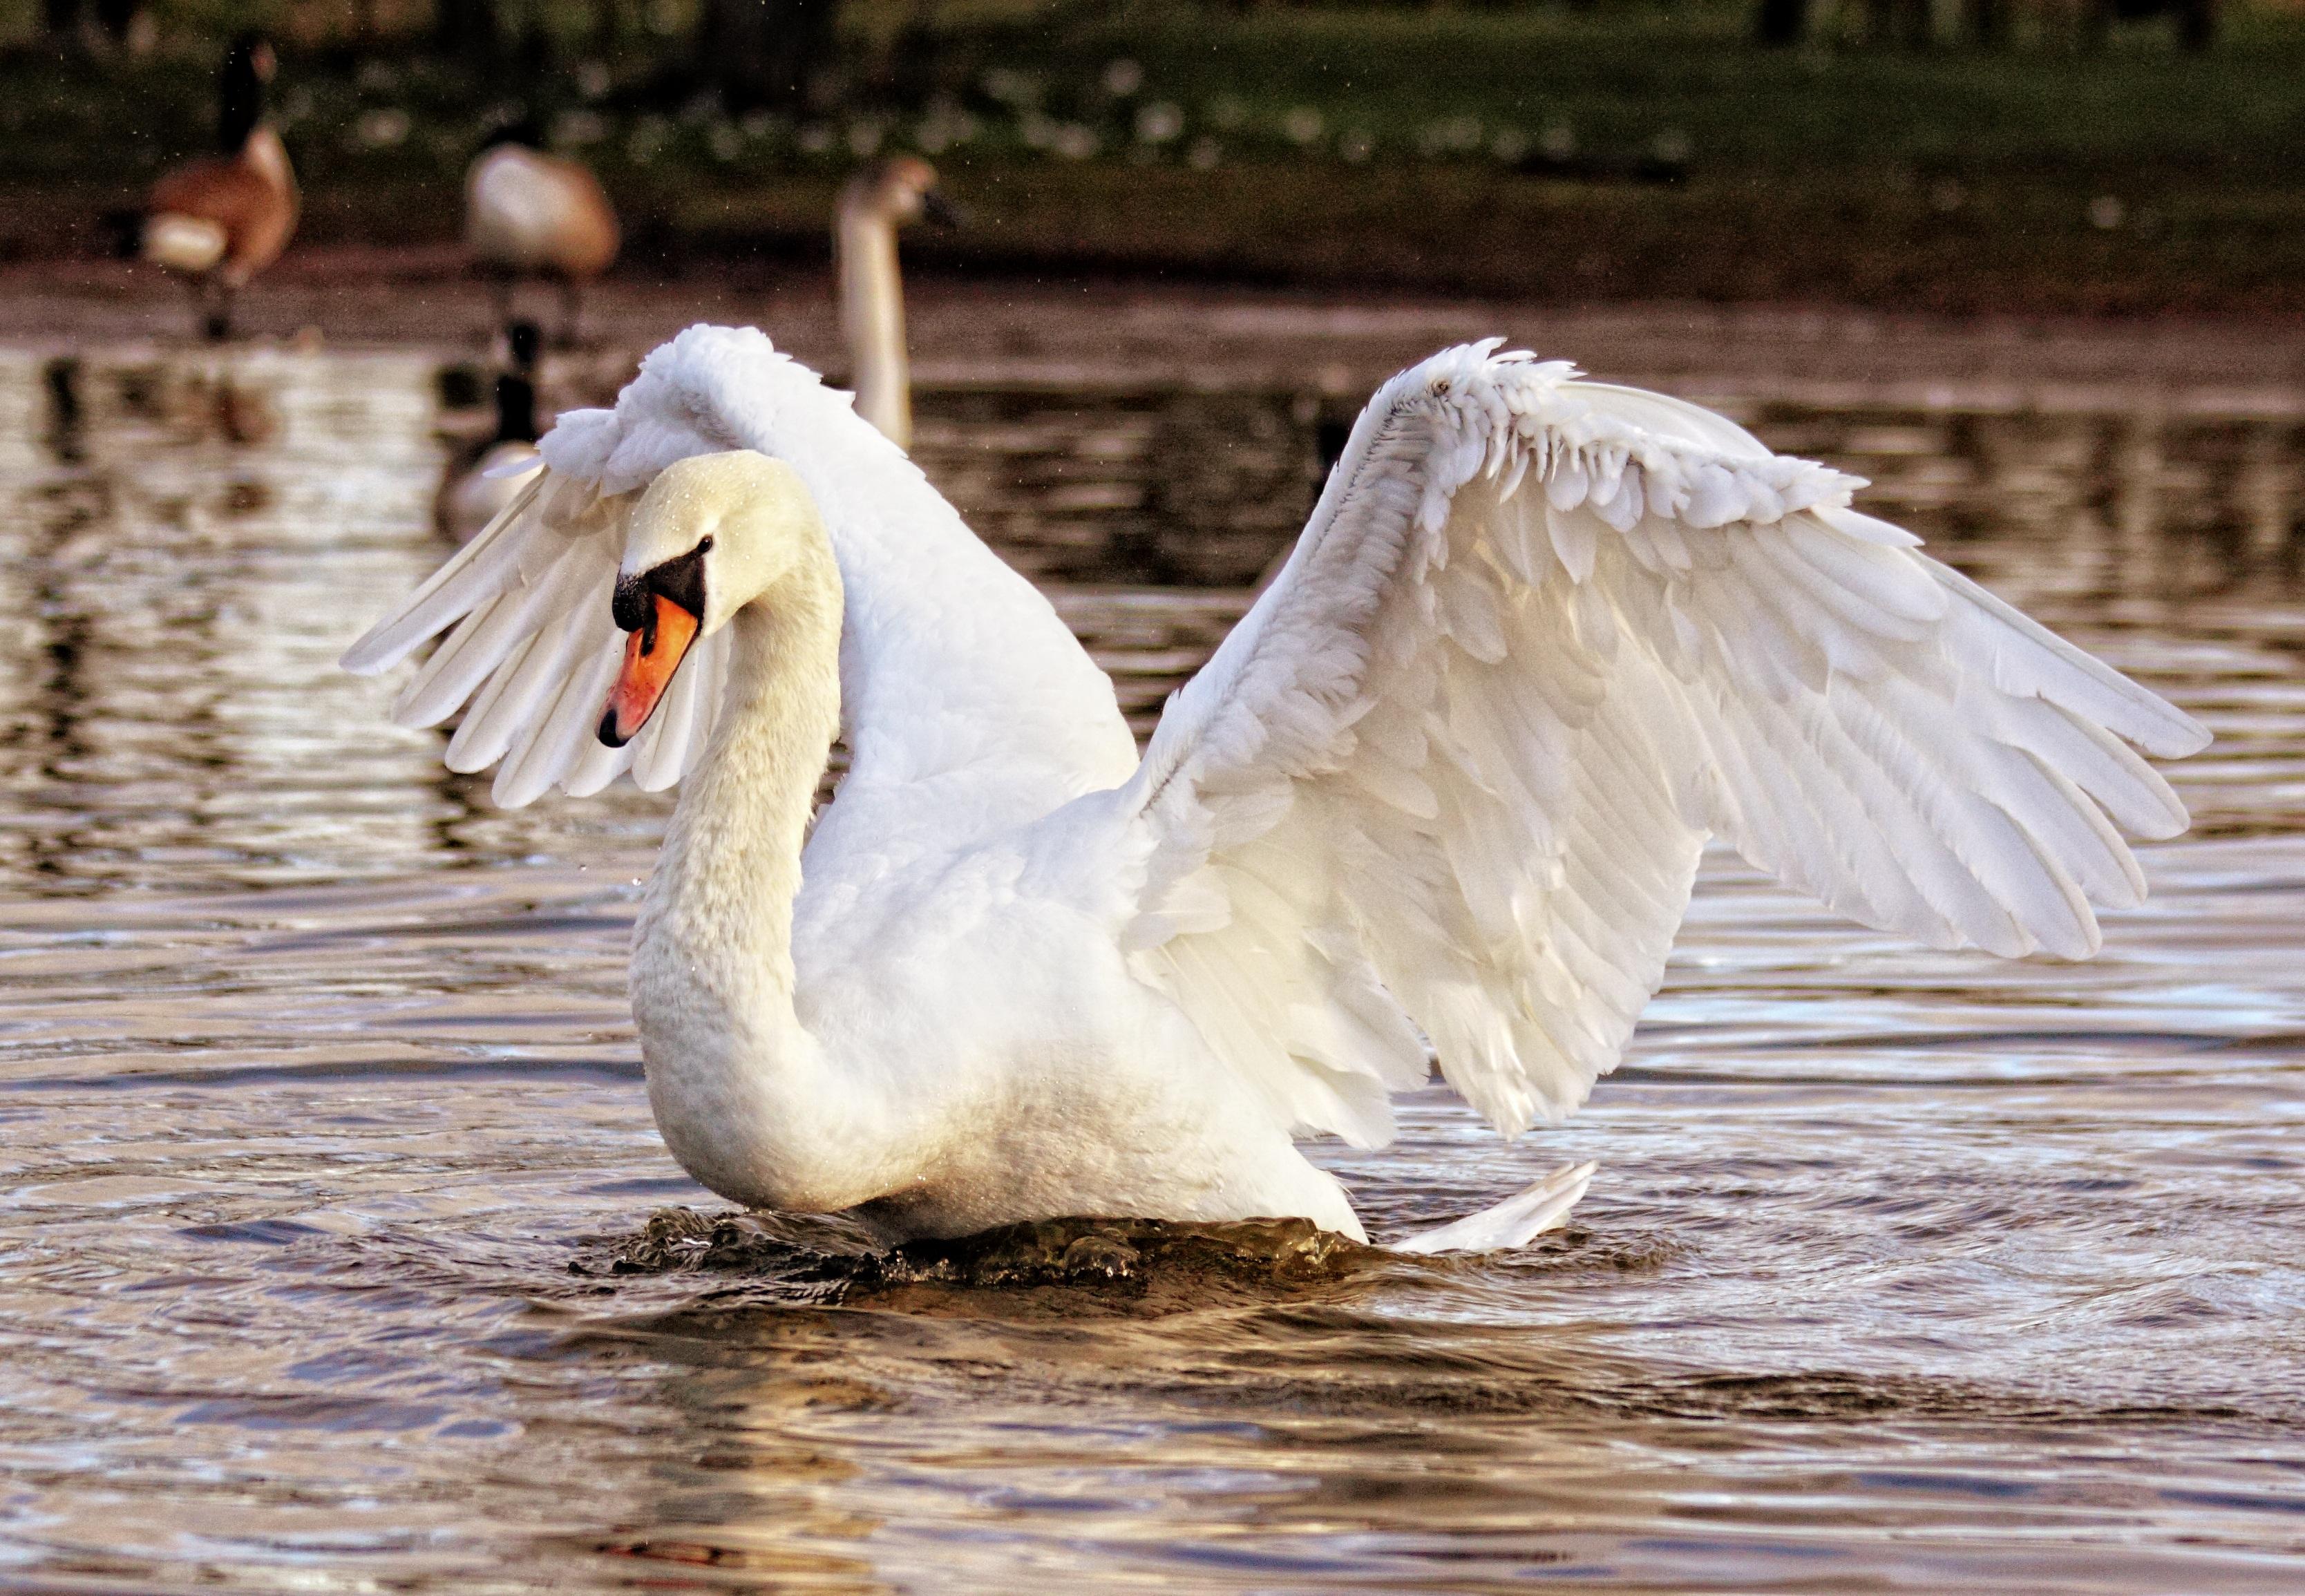 λευκό πουλί εικόνες